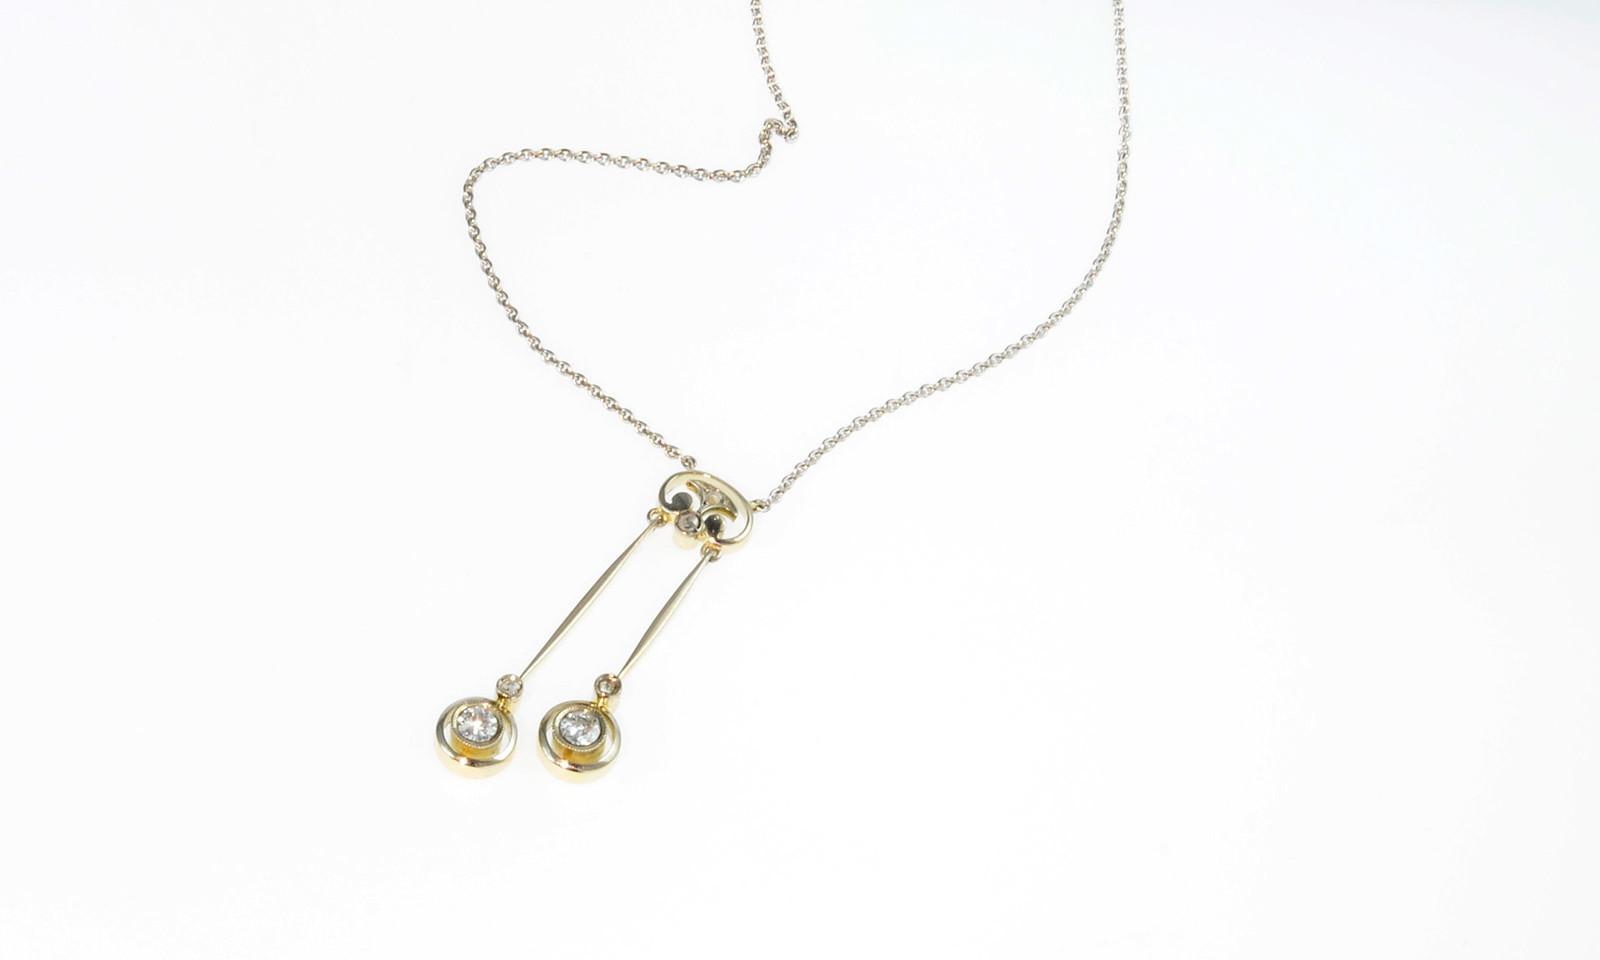 Collier 30Er Jahre. Negligé-Anhänger 1930-er Jahre, Weissgold auf Gelbgold 585 mit 2 Altschliff-Diamanten d 3.0 mm, CHF 2100.-